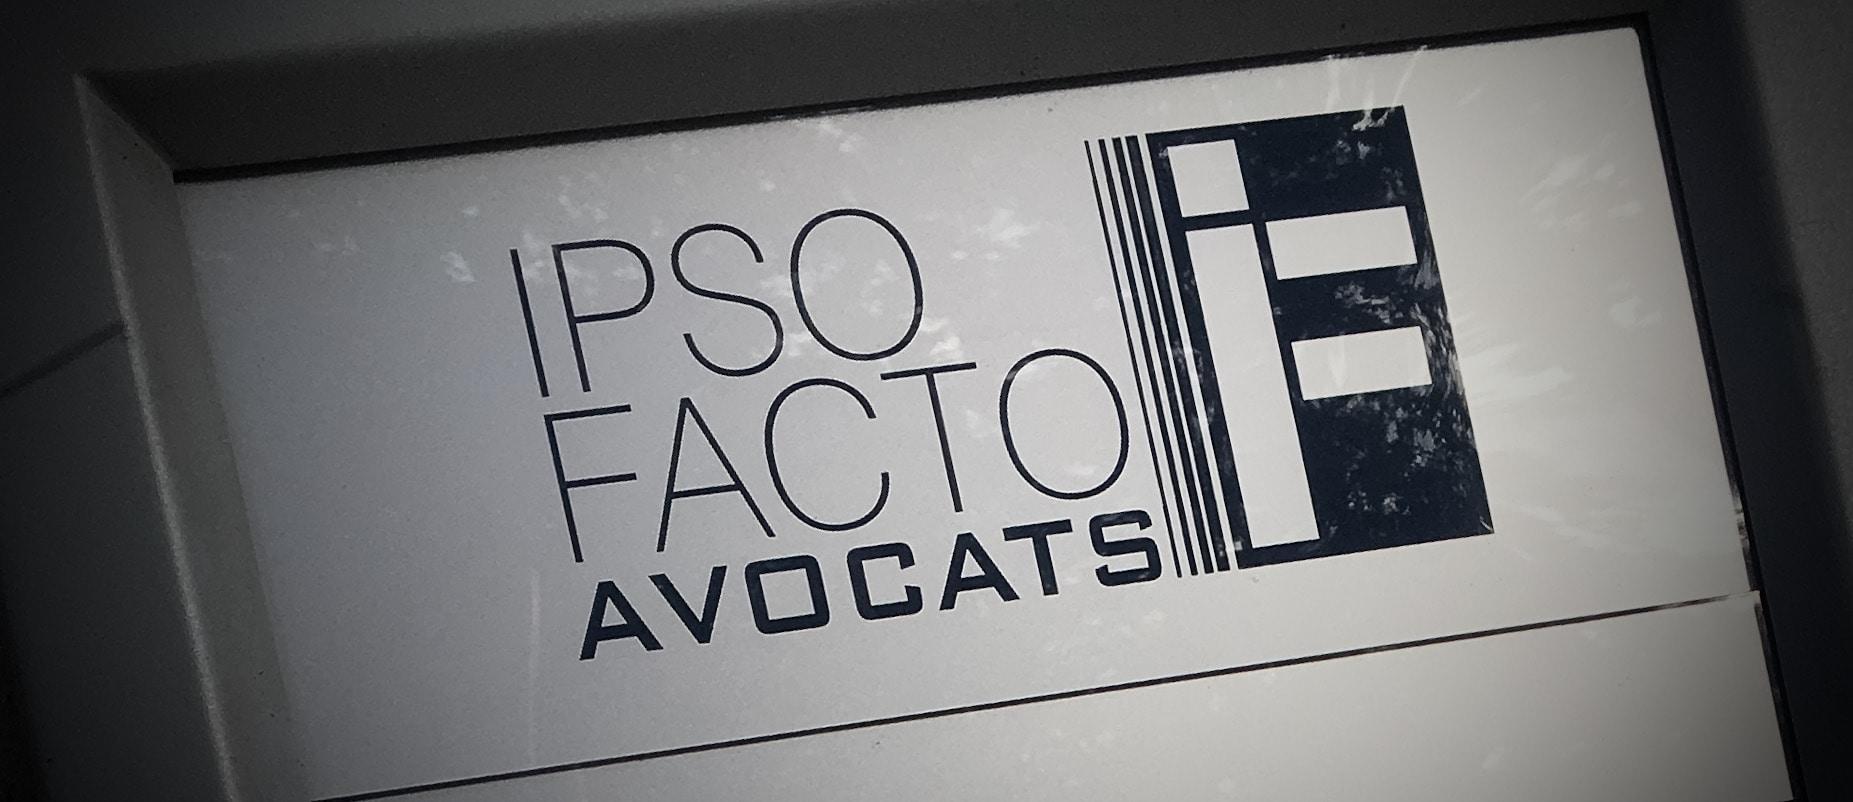 IPSO FACTO AVOCATS à Nantes